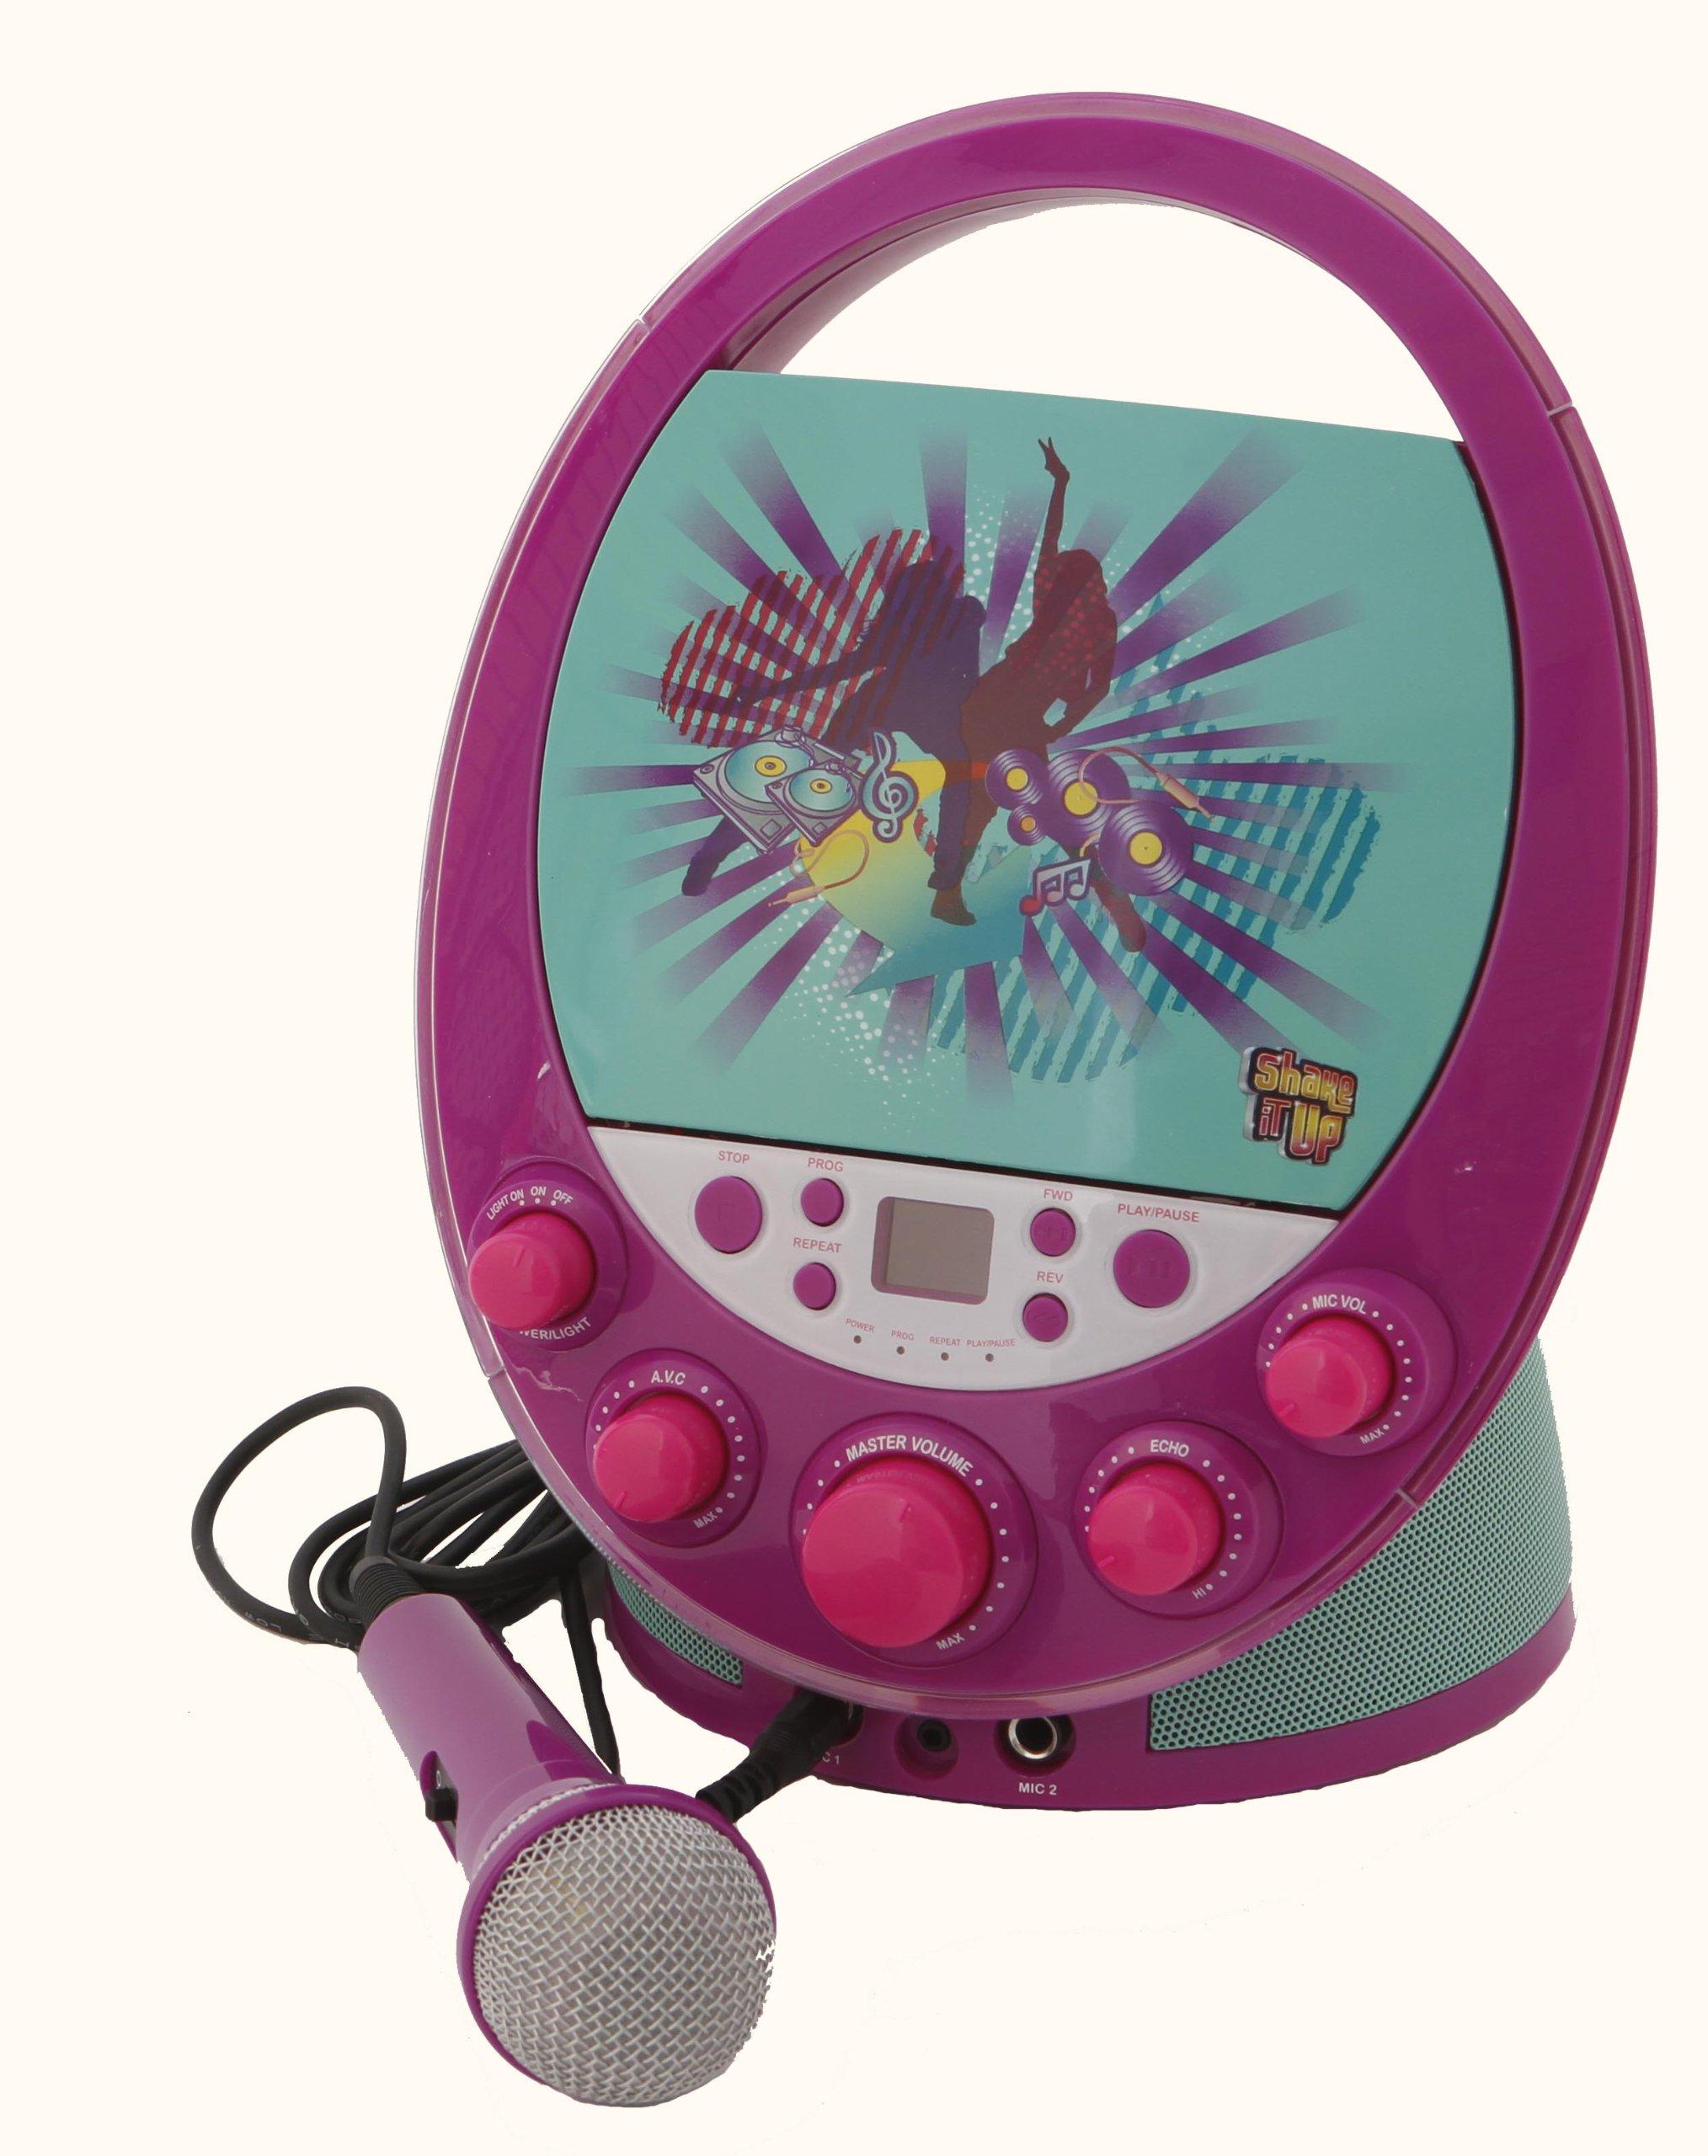 Karaoke System 66014 Shake it Up Karaoke Machine, Purple by Karaoke System (Image #3)